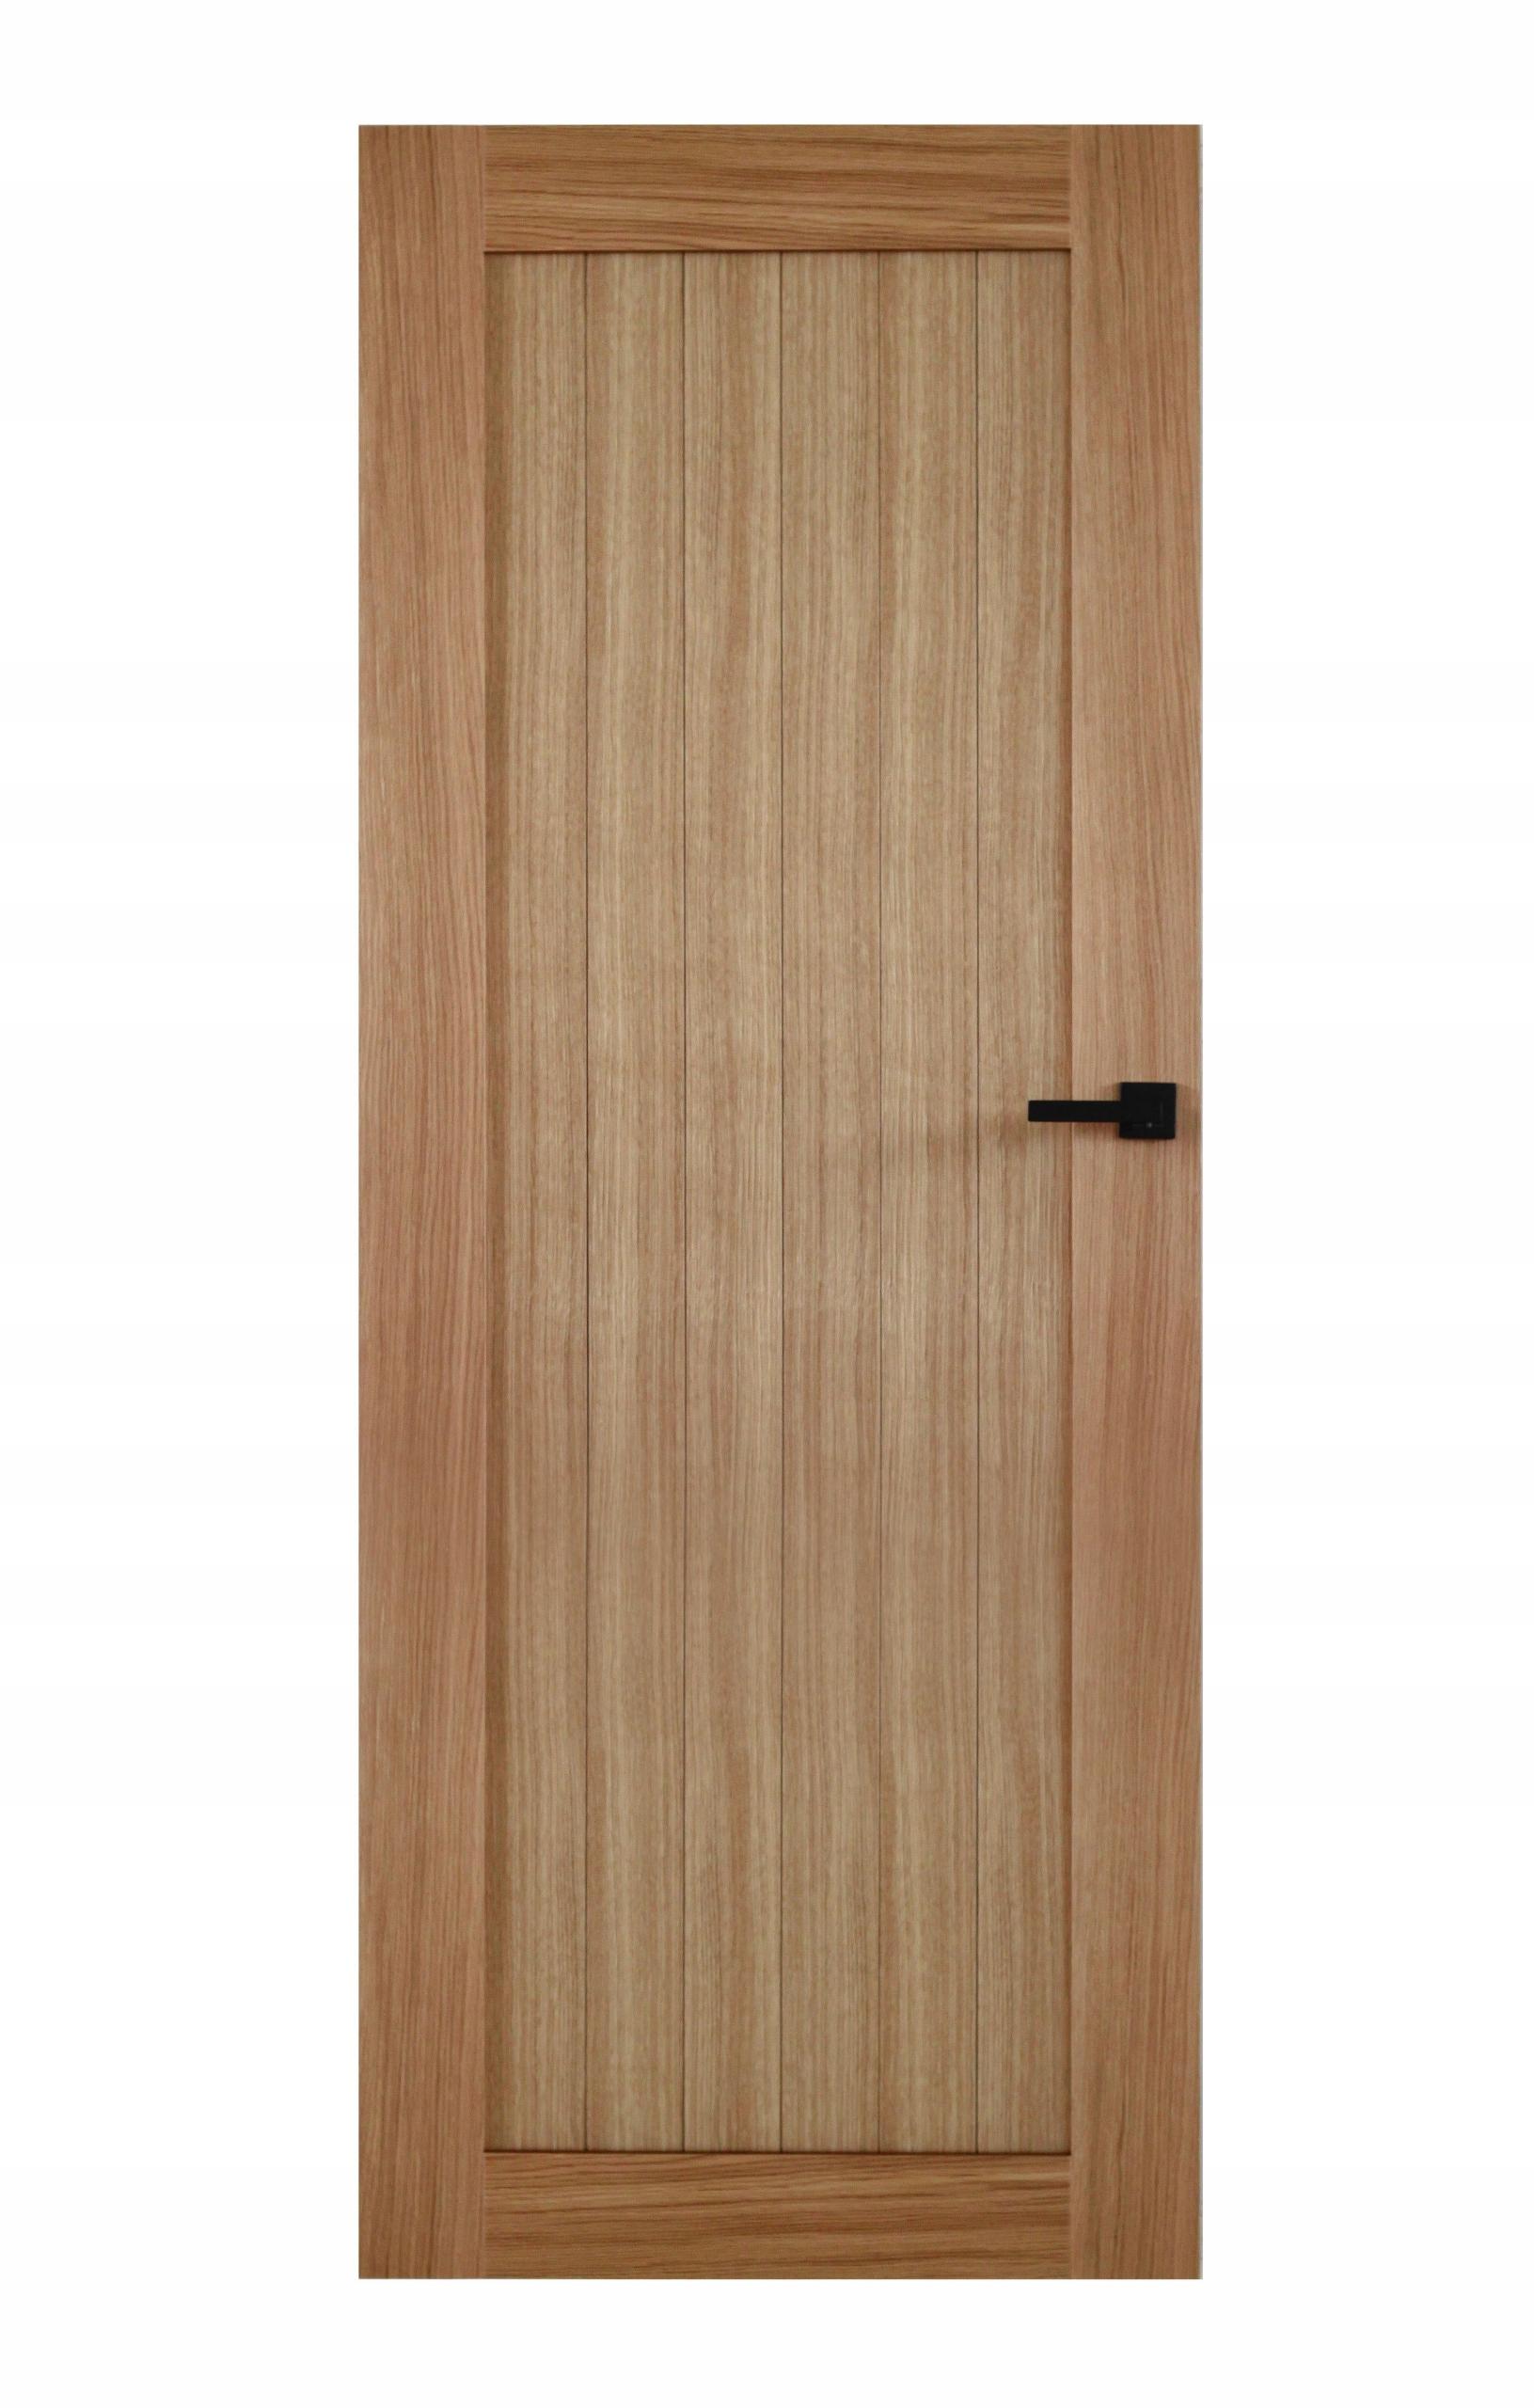 Drzwi Wewnętrzne Drewniane Ościeżnica Regulowana